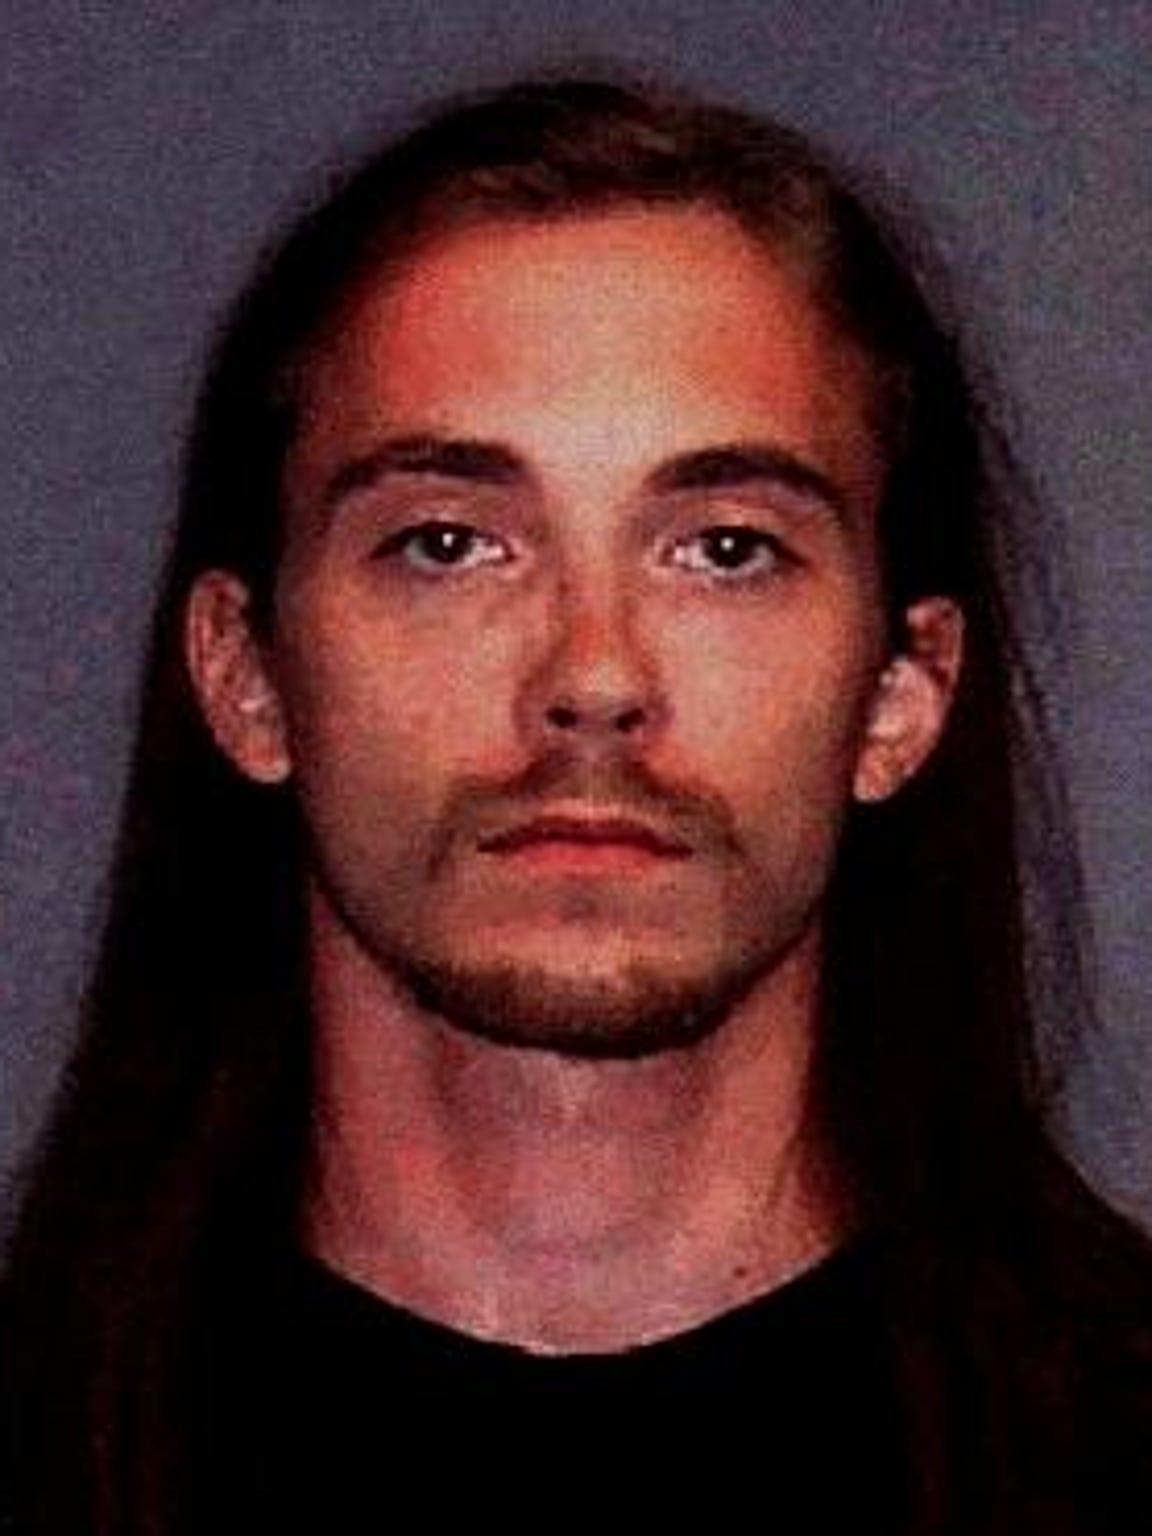 Shawn J. Devaul in July, 2002.